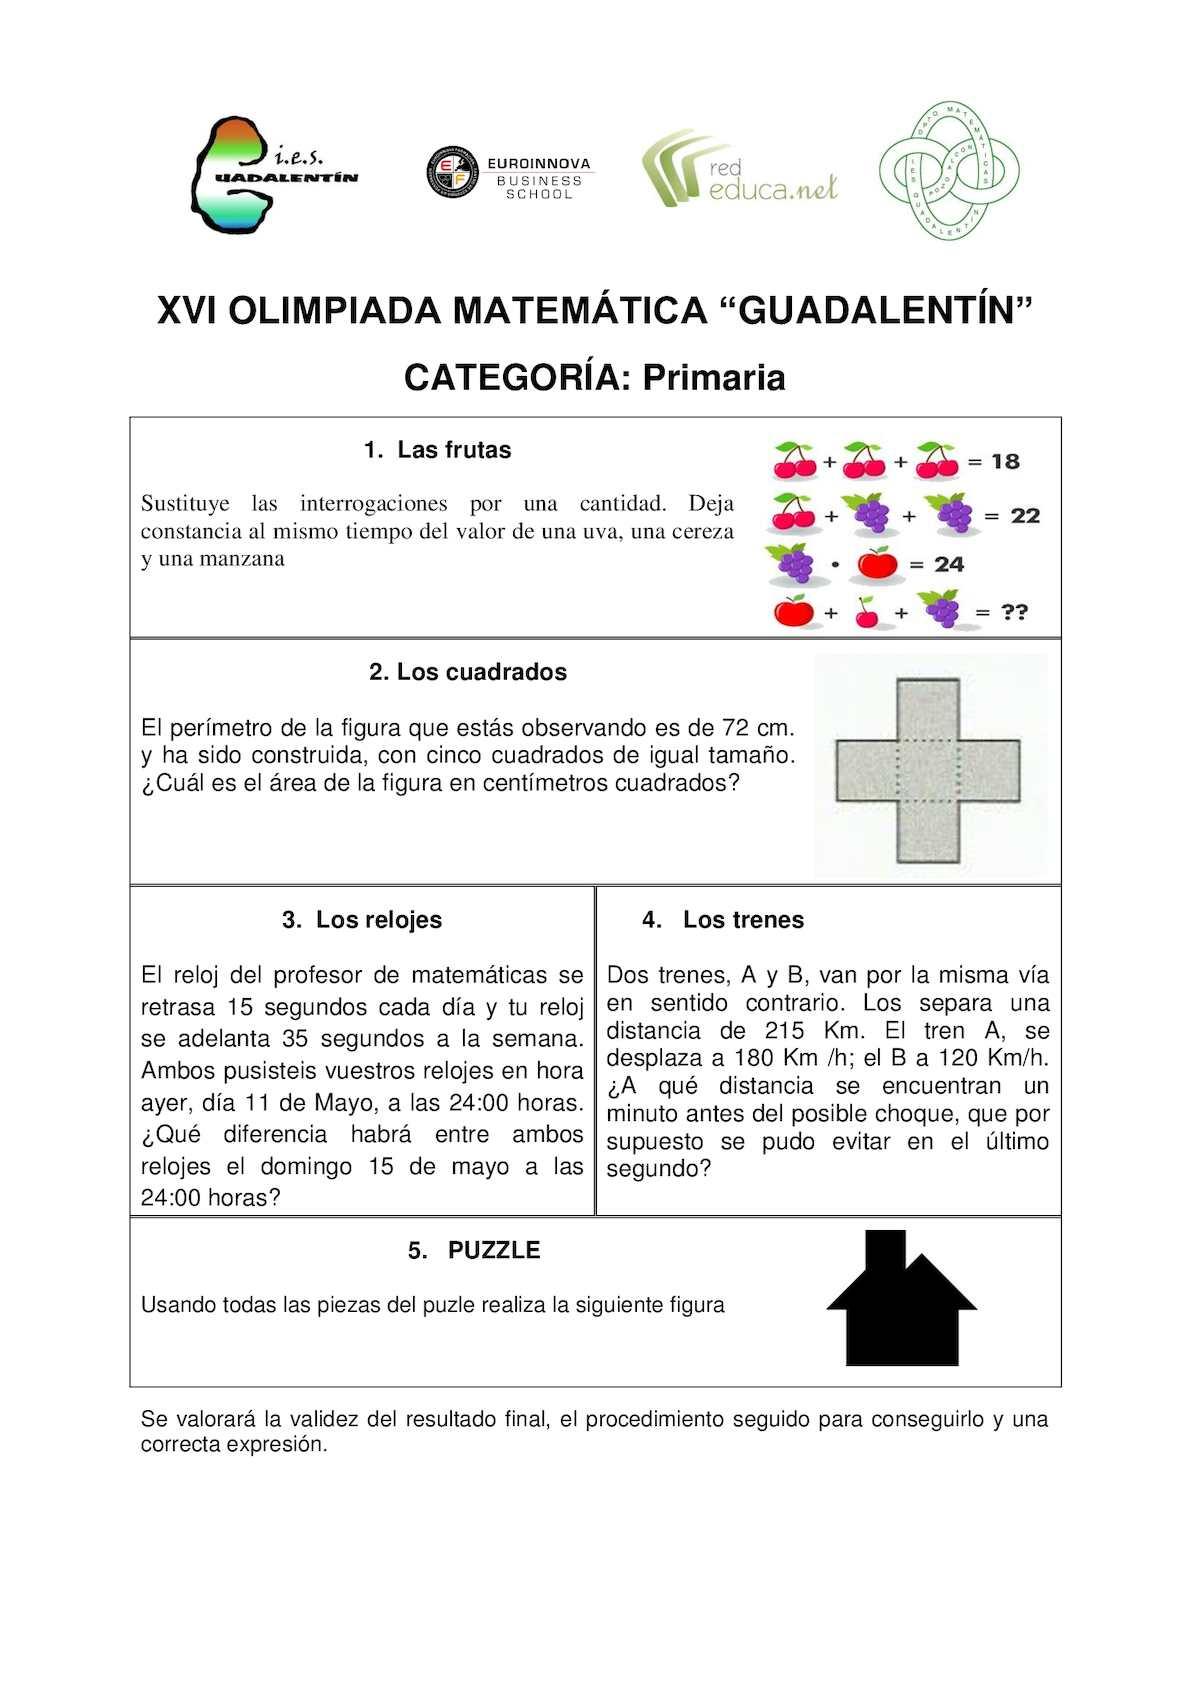 Pruebas  y soluciones XVI Olimpiada Guadalentín